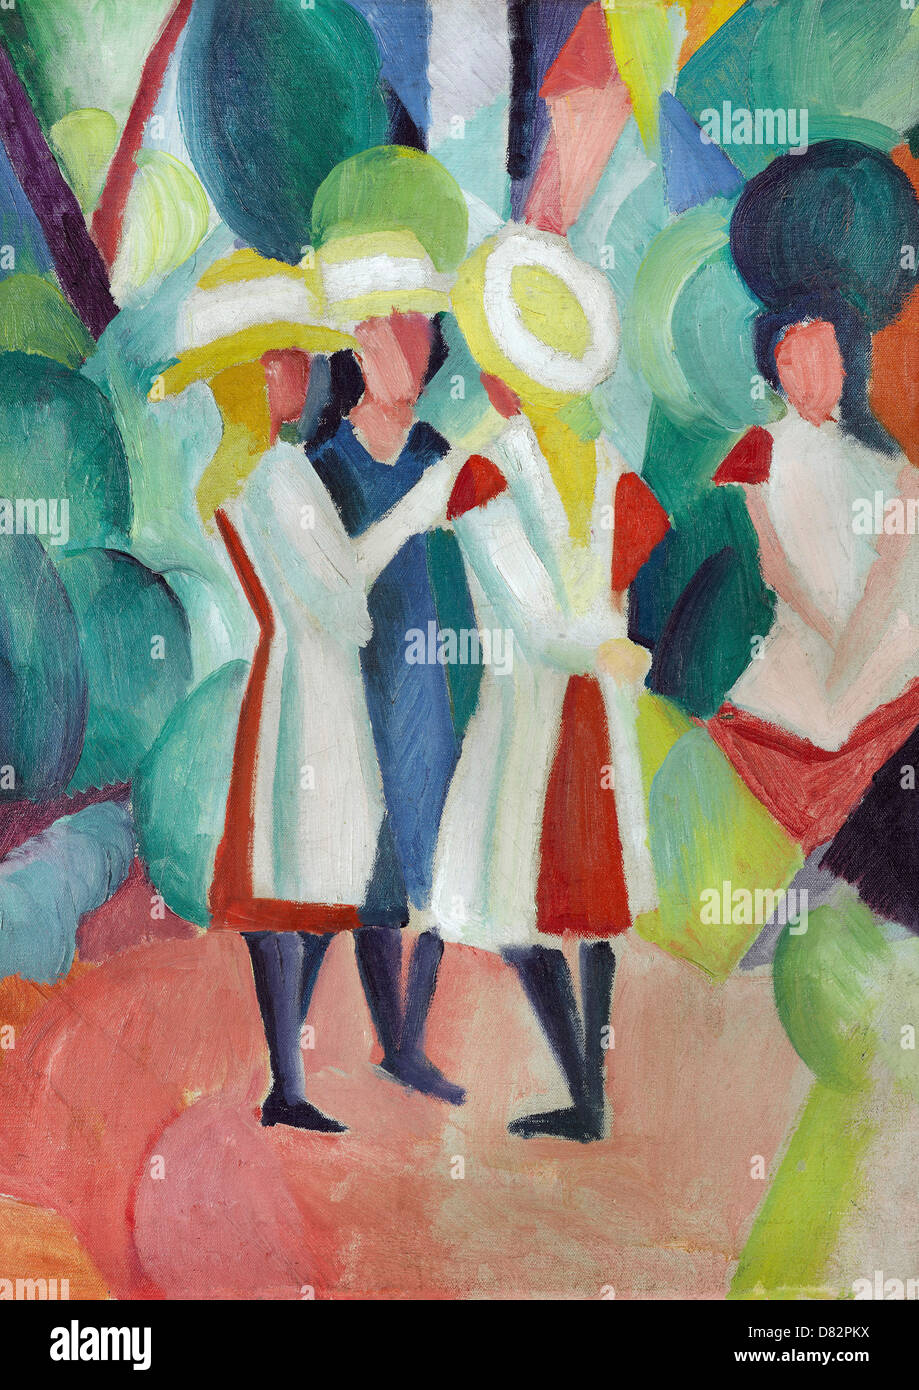 August Macke, tre ragazze in giallo di cappelli di paglia 1913 olio su tela. Gemeentemuseum Den Haagю Immagini Stock